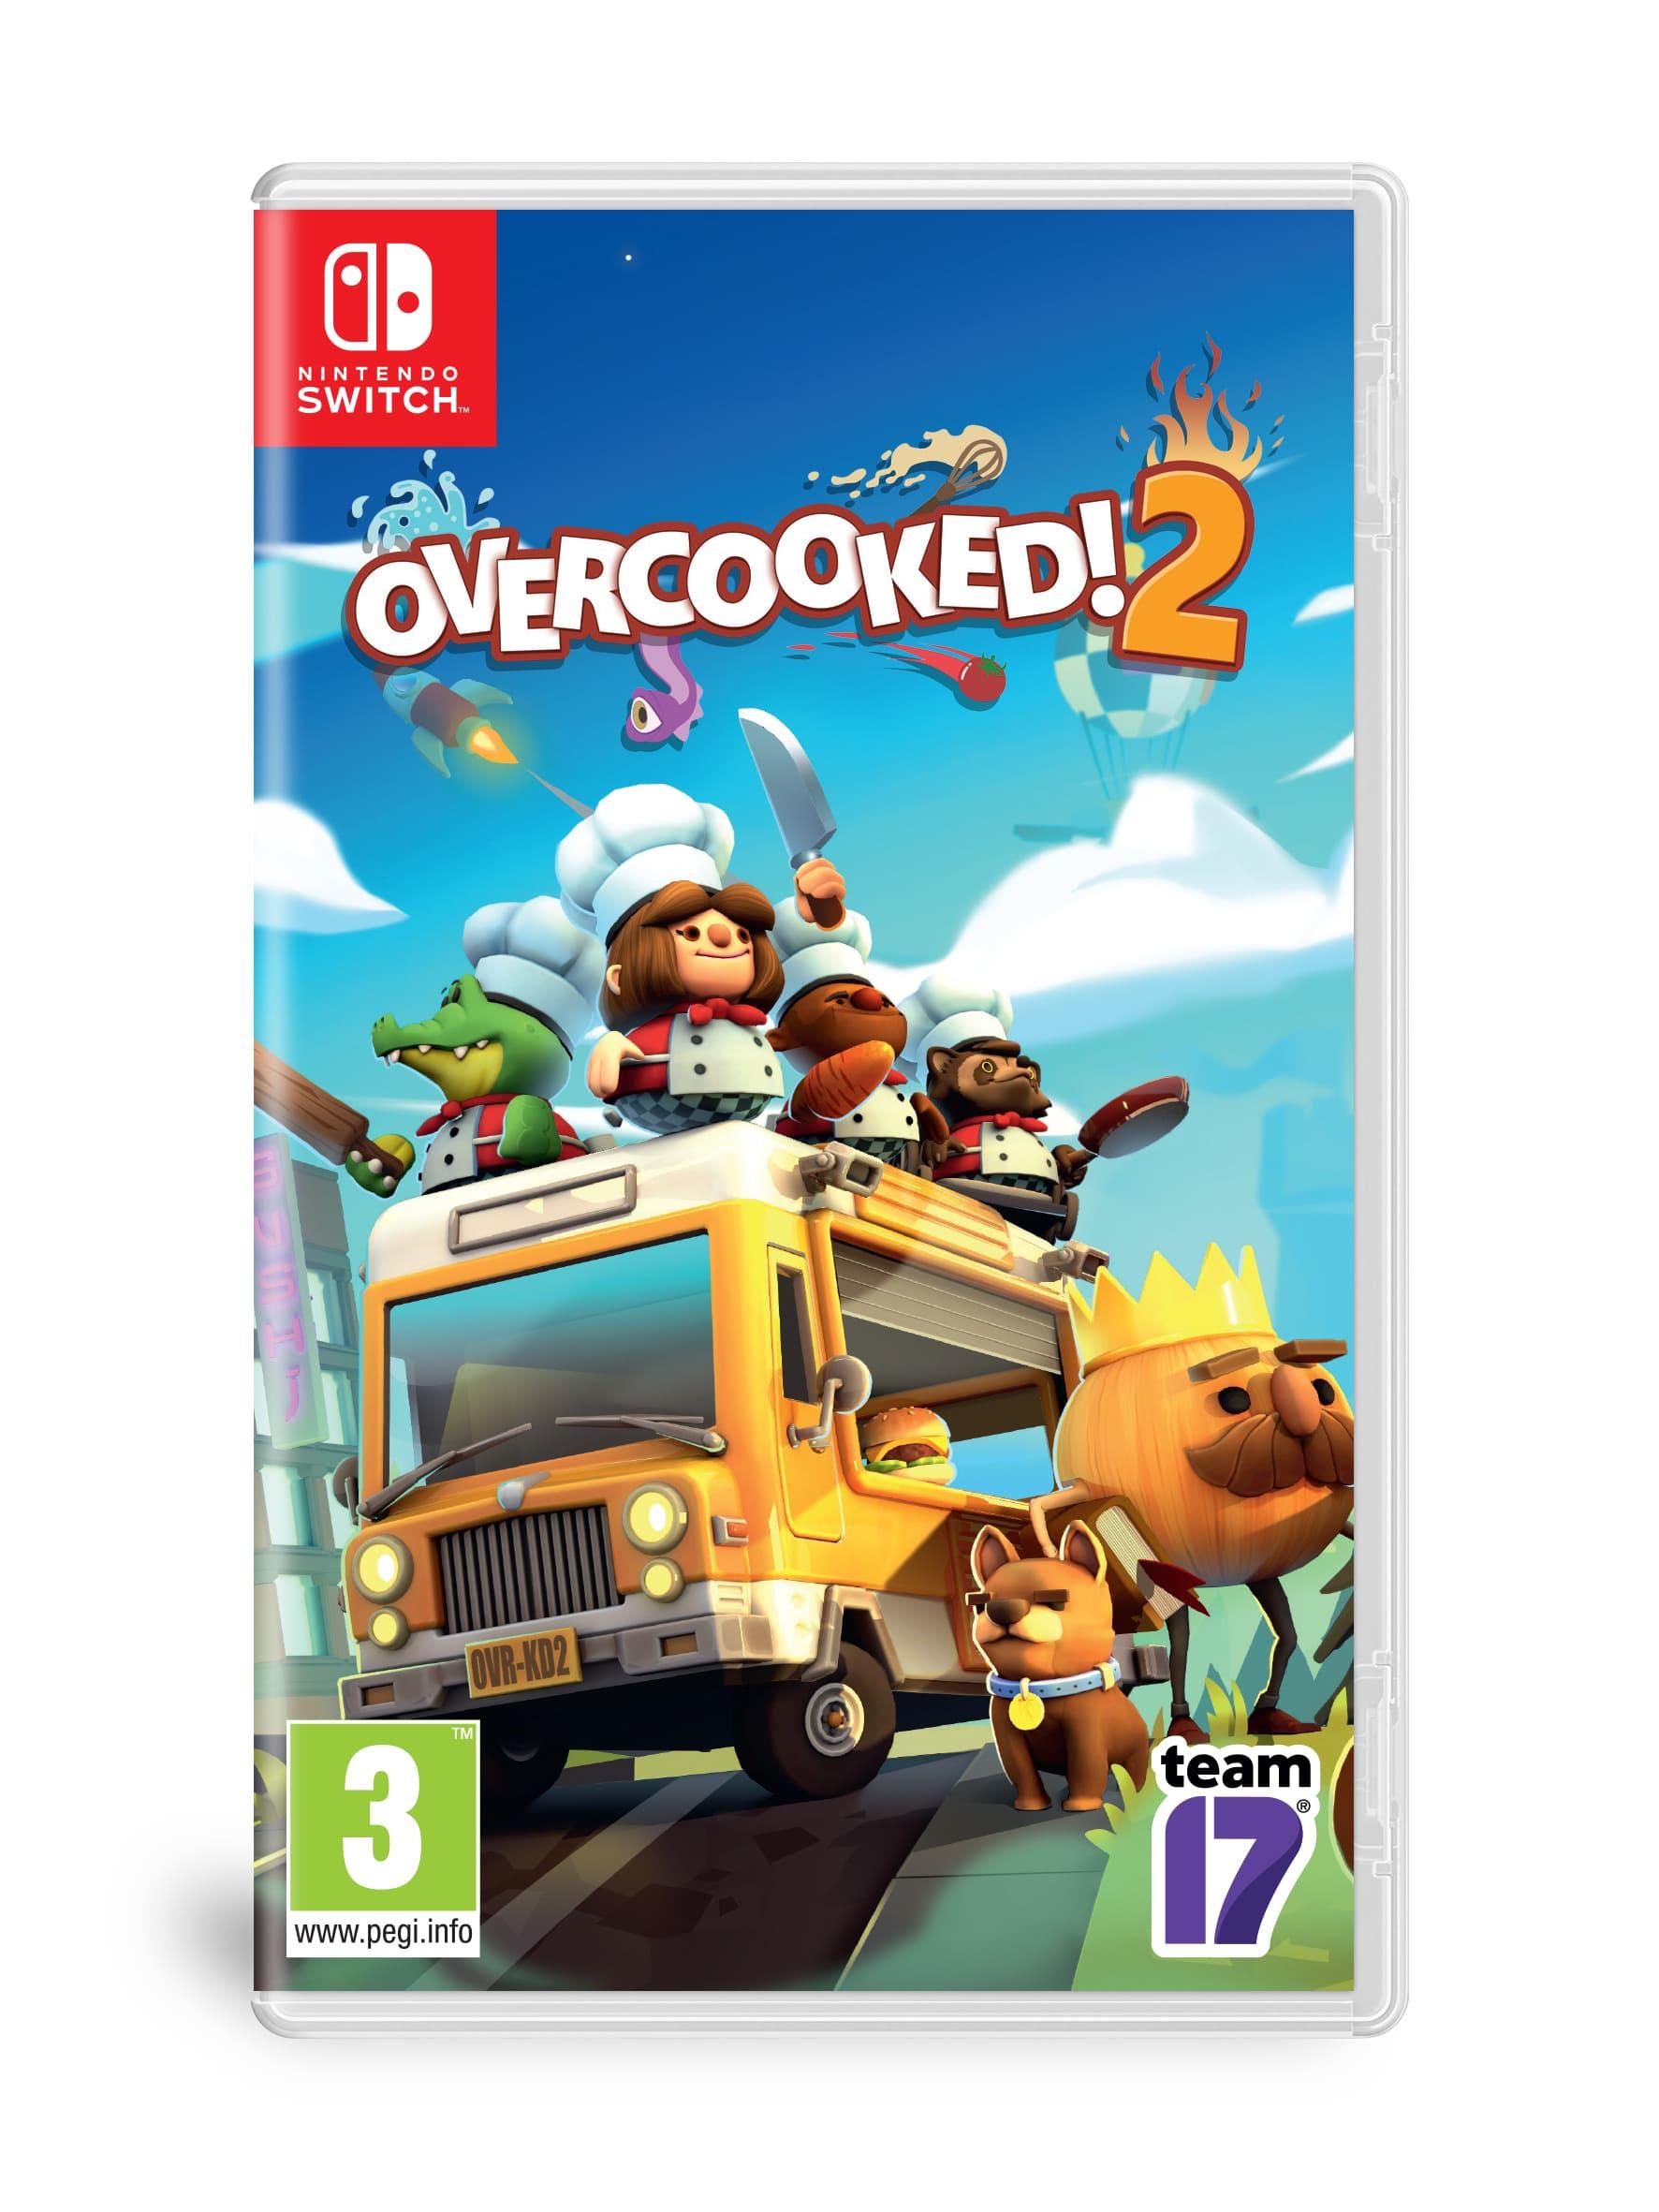 煮過頭2, Overcooked! 2, Nintendo Switch, GSE,